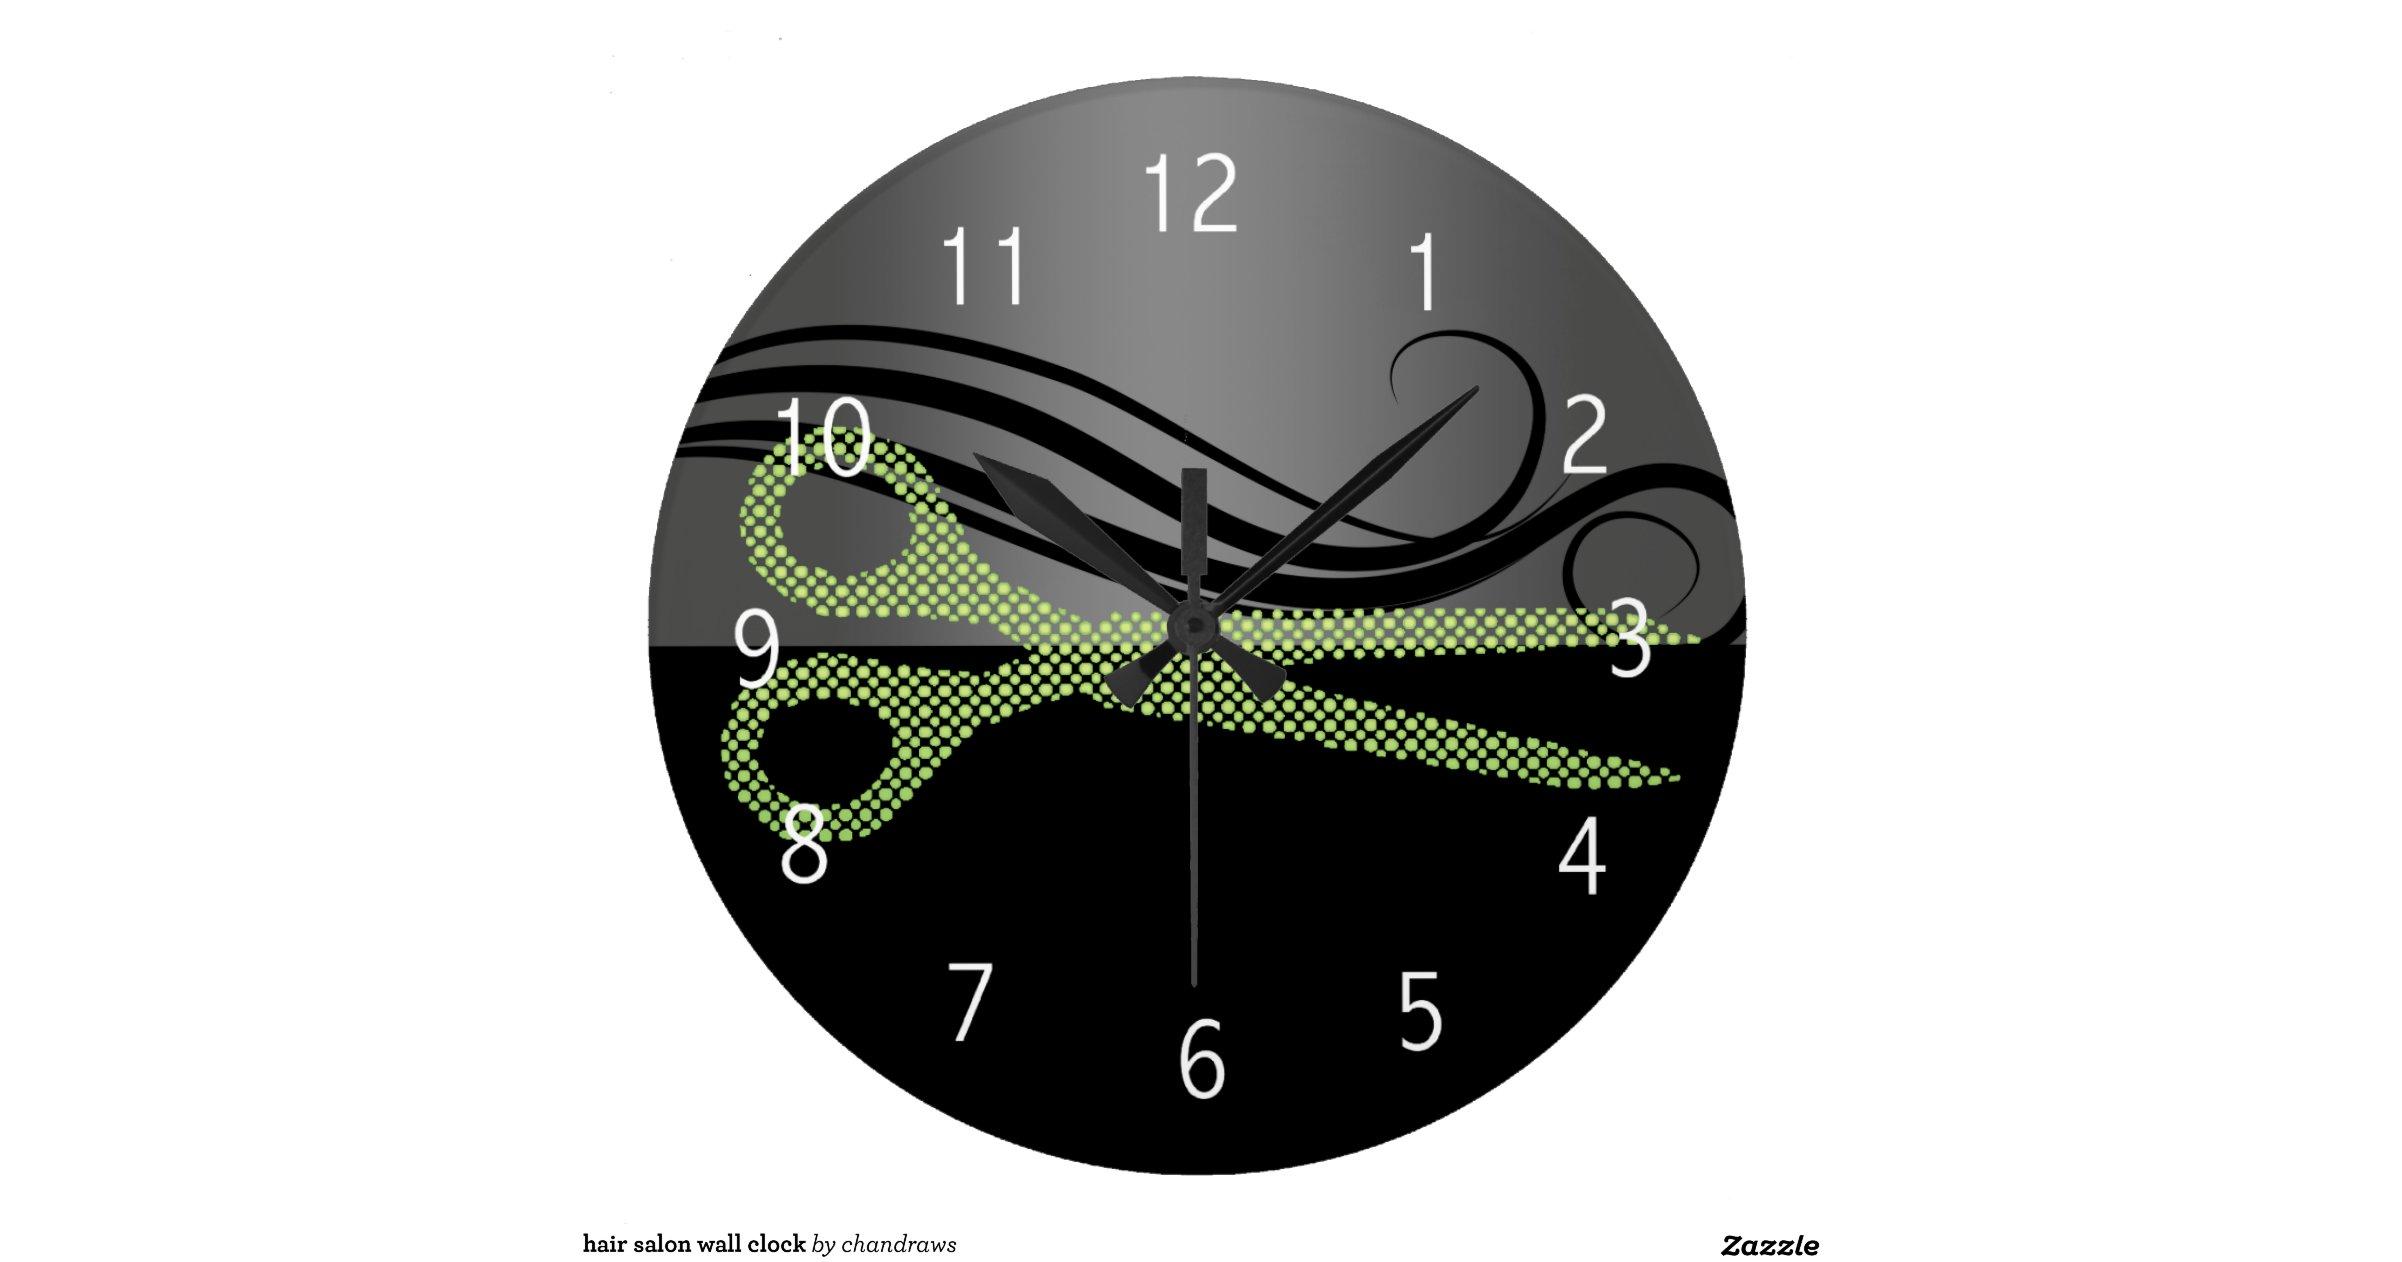 hair salon wall clock r5722b79ecbff4b24b522a2a576ba74fa. Black Bedroom Furniture Sets. Home Design Ideas